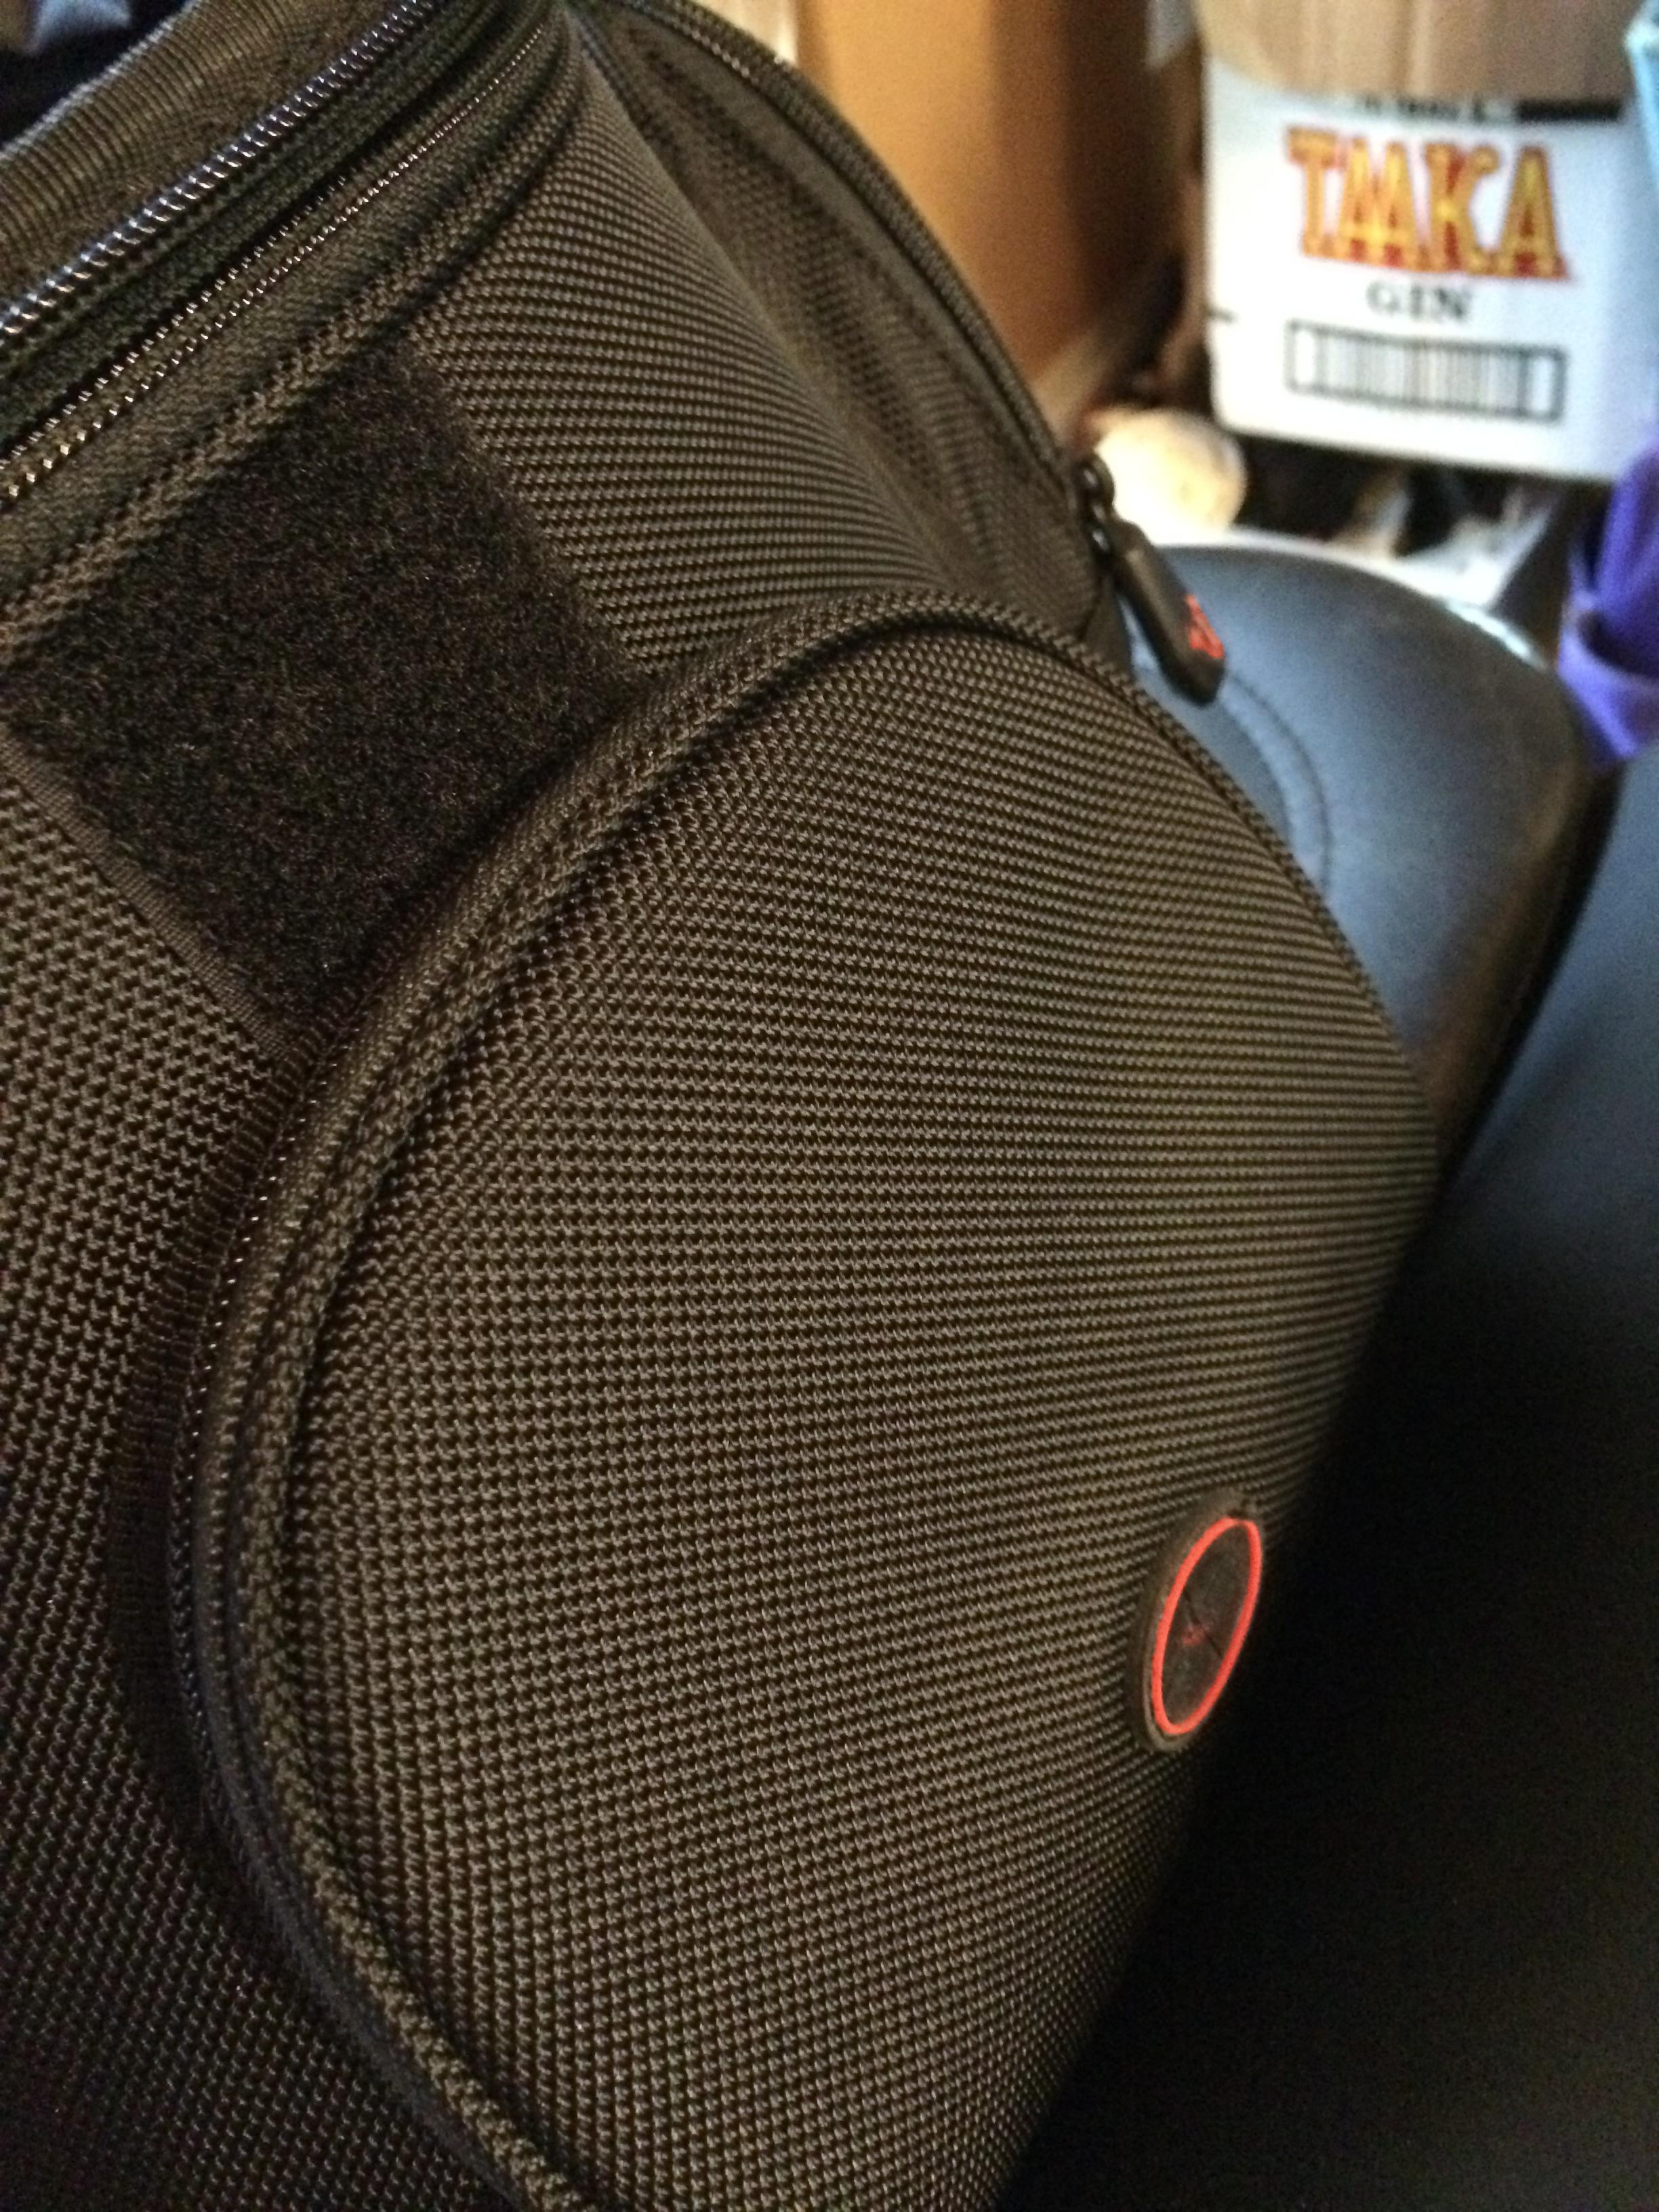 Bag Front Pocket.JPG